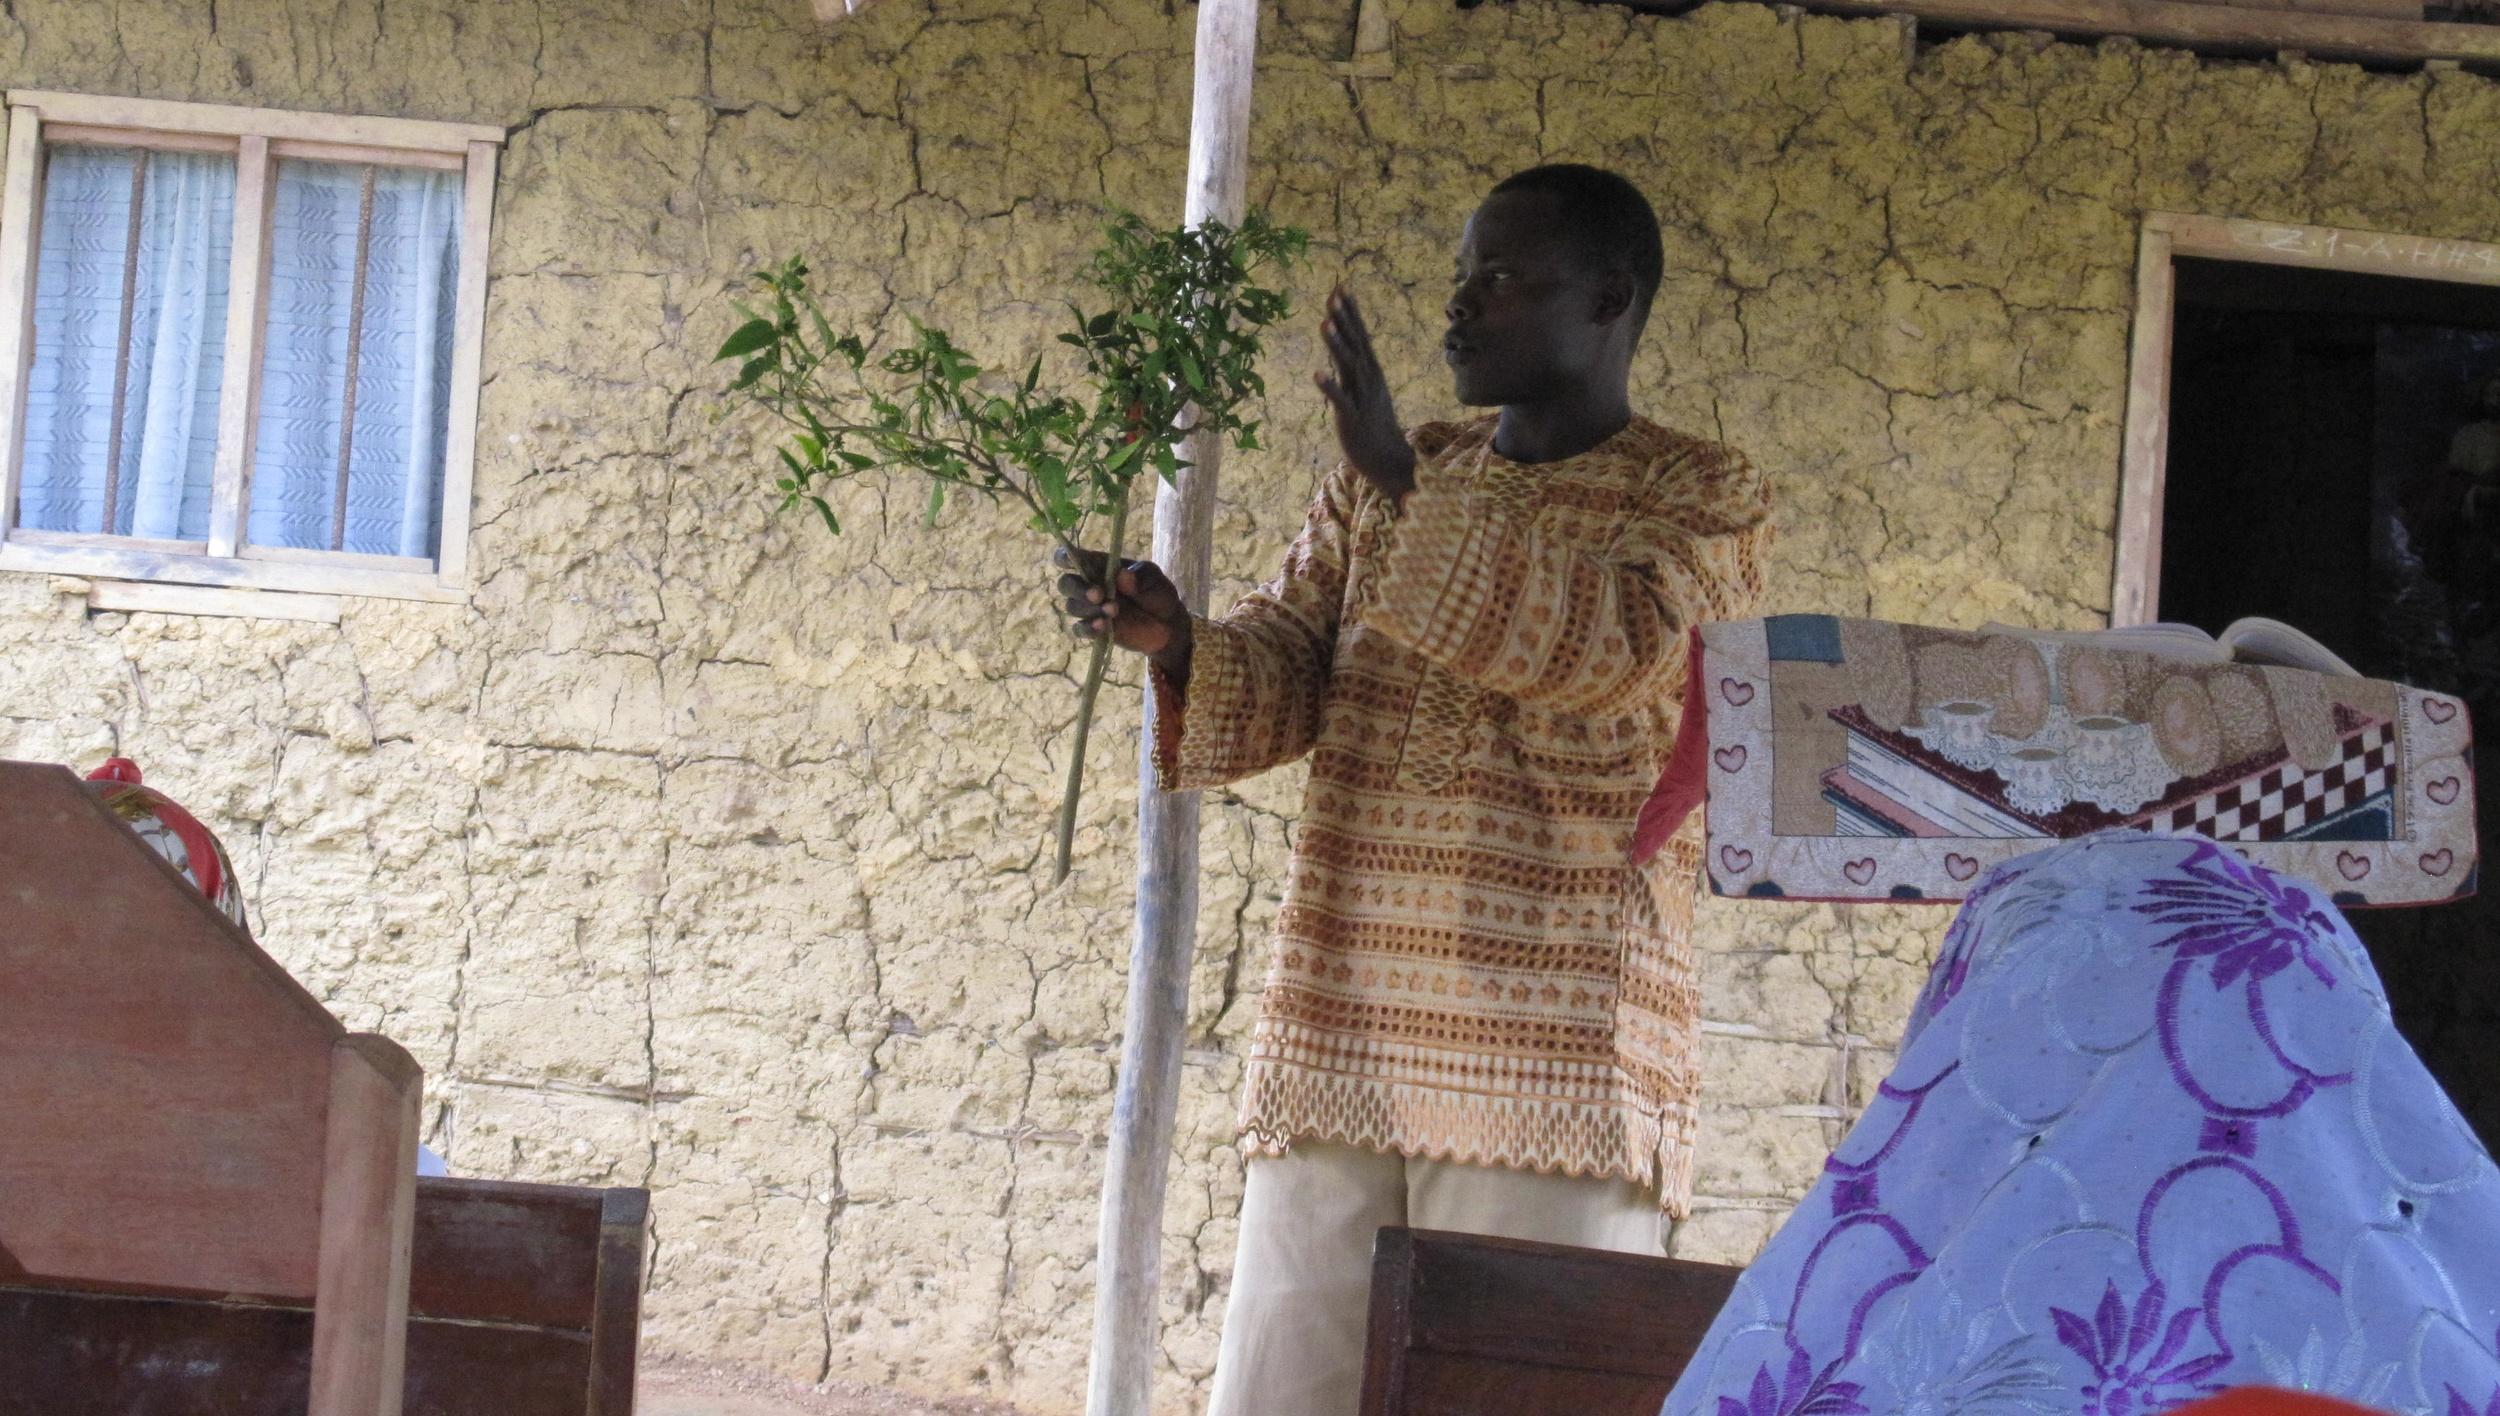 Liberia Jan 2014 029.jpg